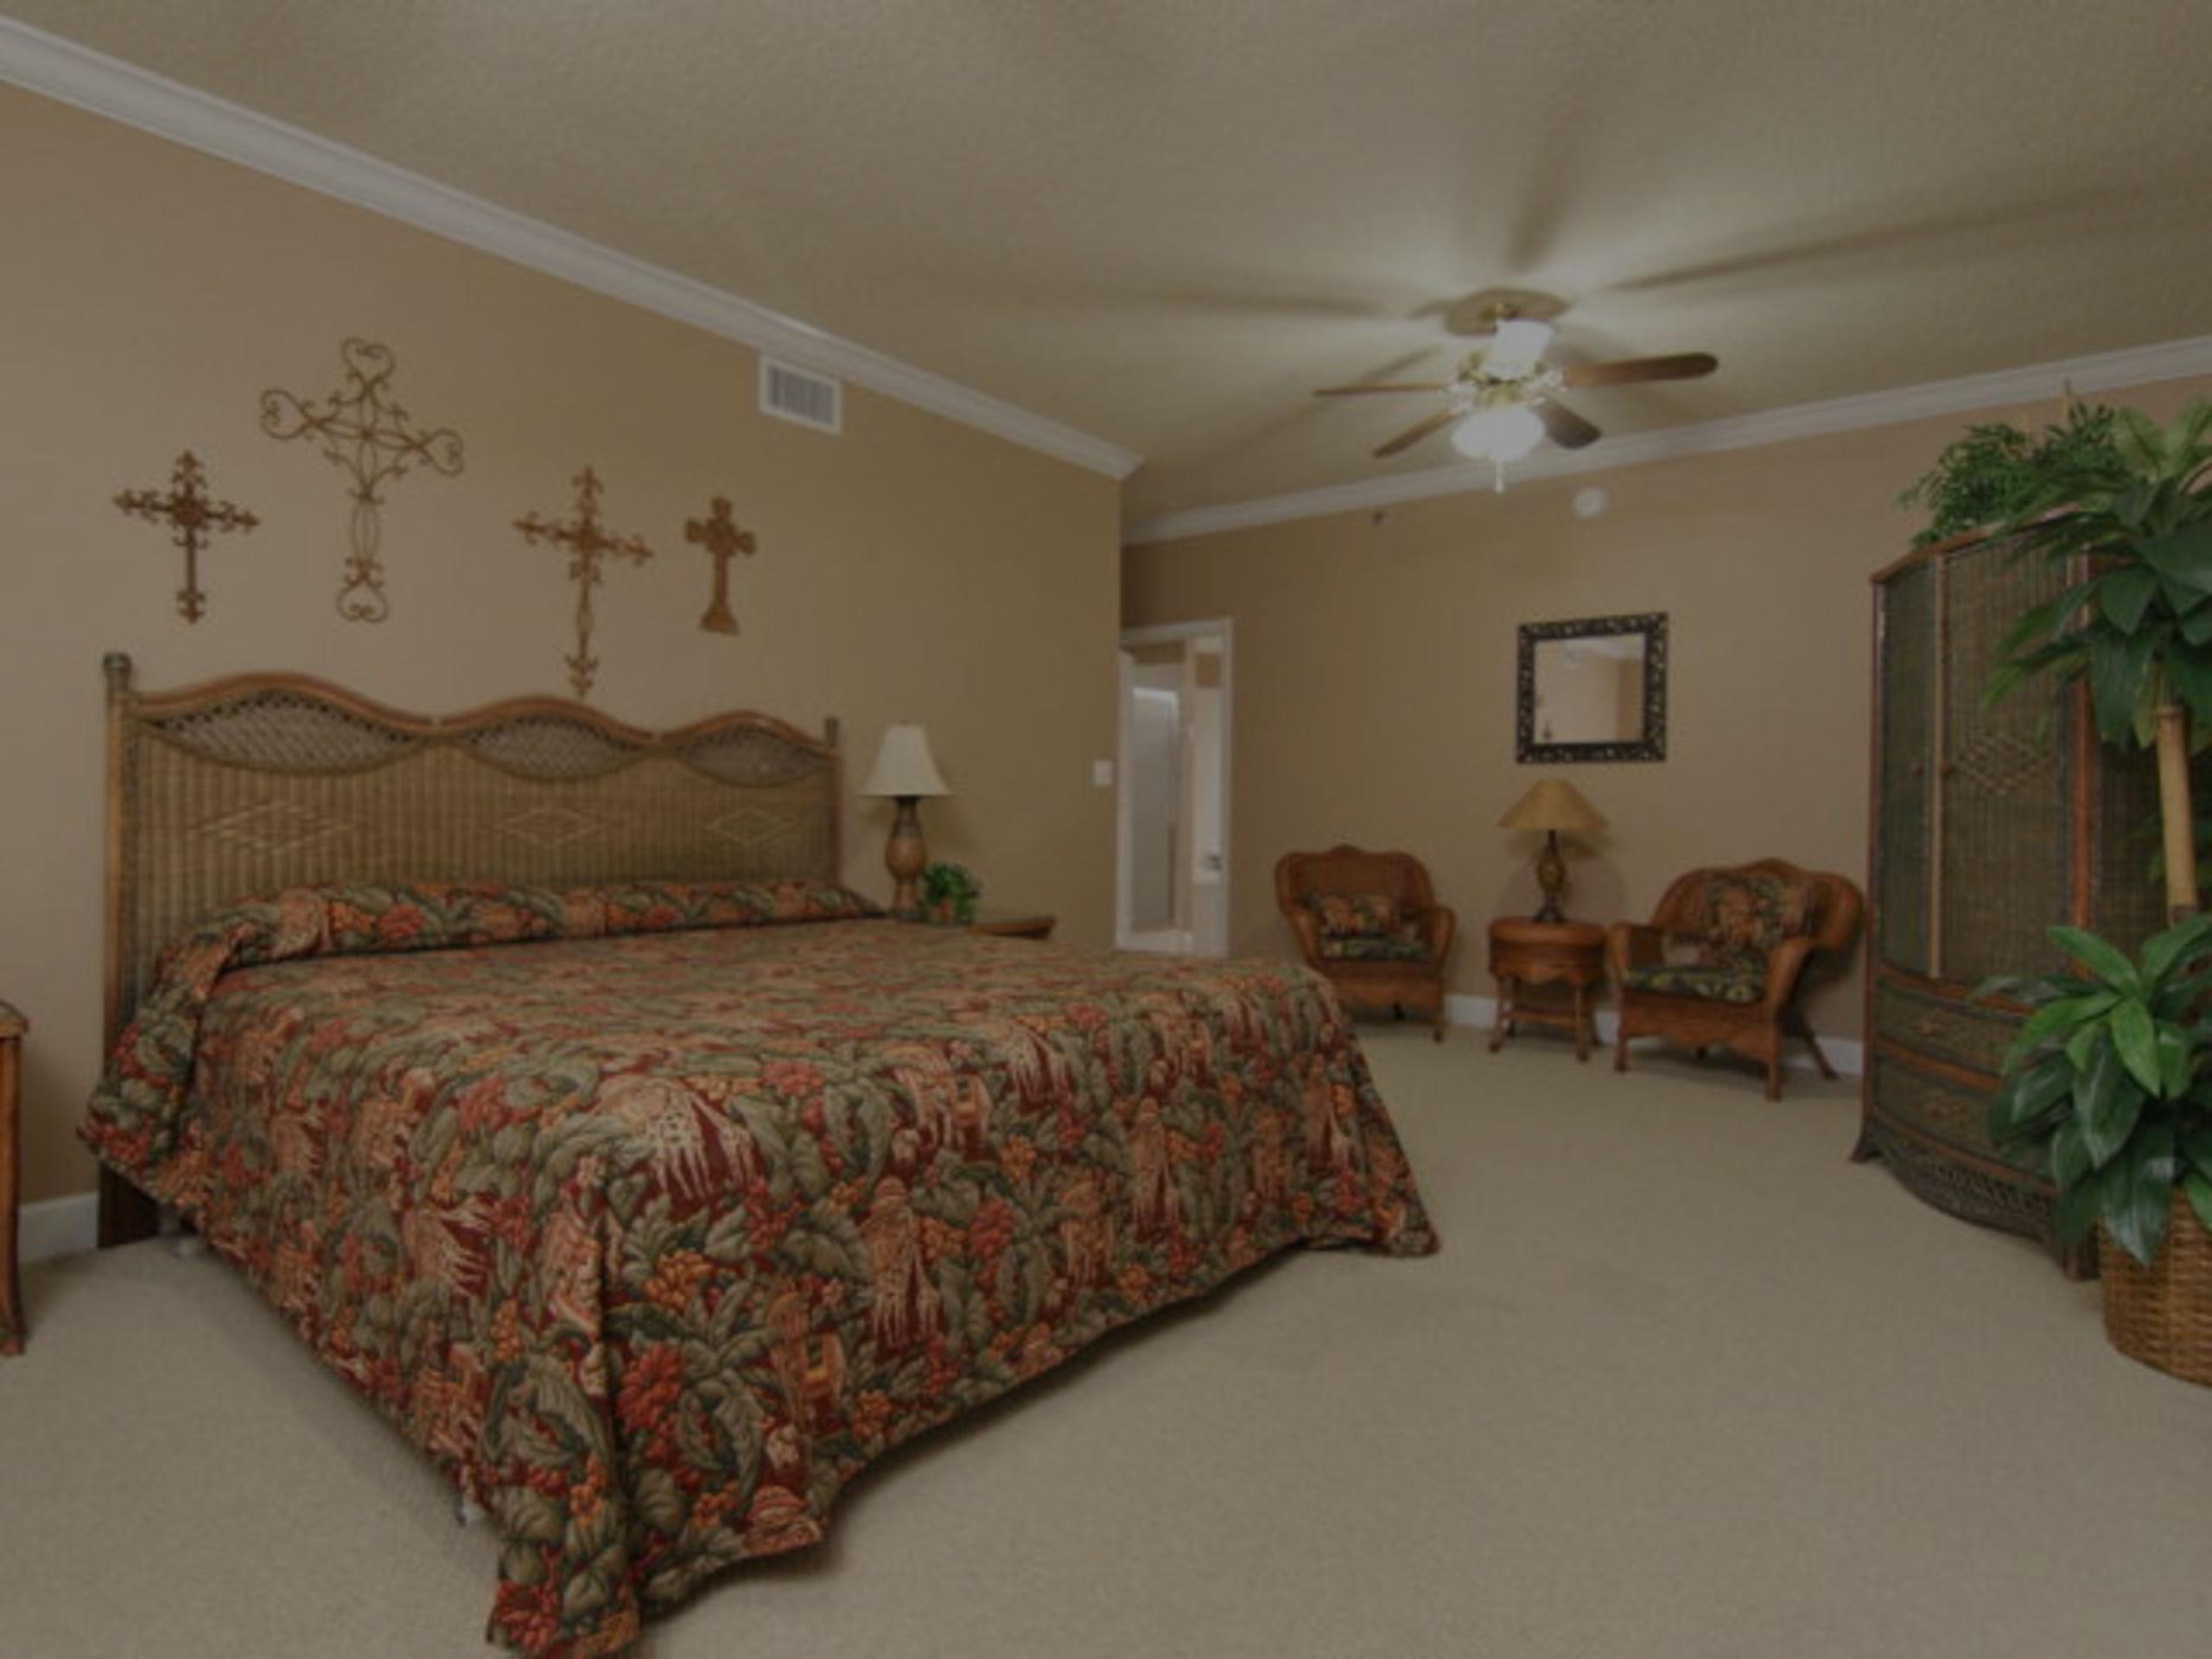 3 Bedroom Condos for Sale in Gulf Shores AL